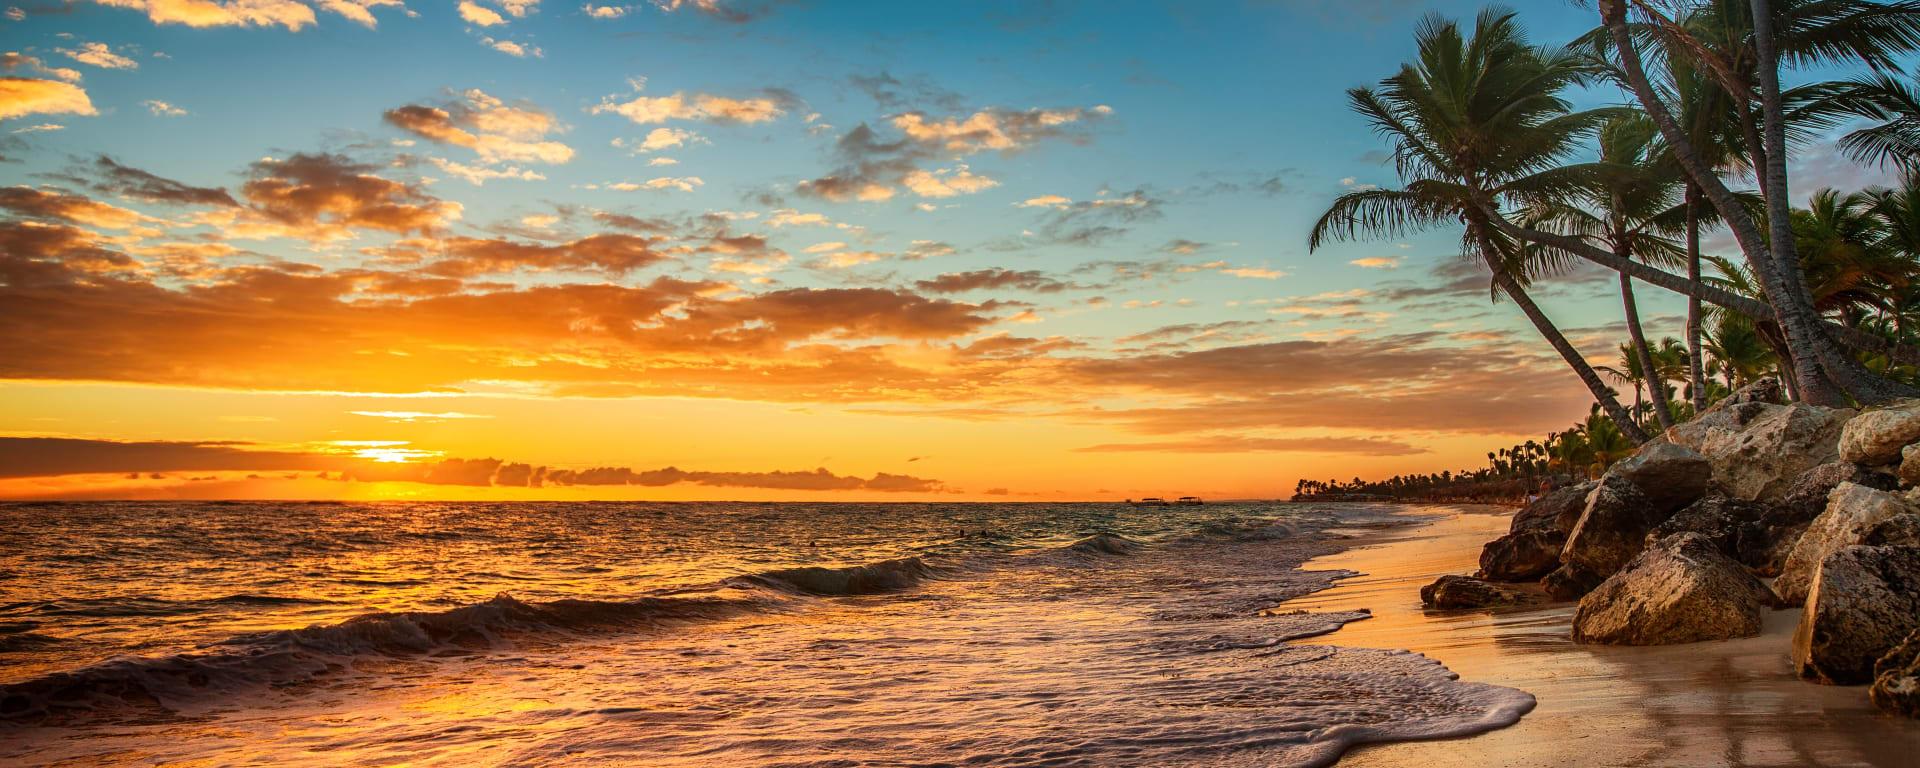 Seychellen entdecken mit Tischler Reisen: Seychellen Sonnenuntergang